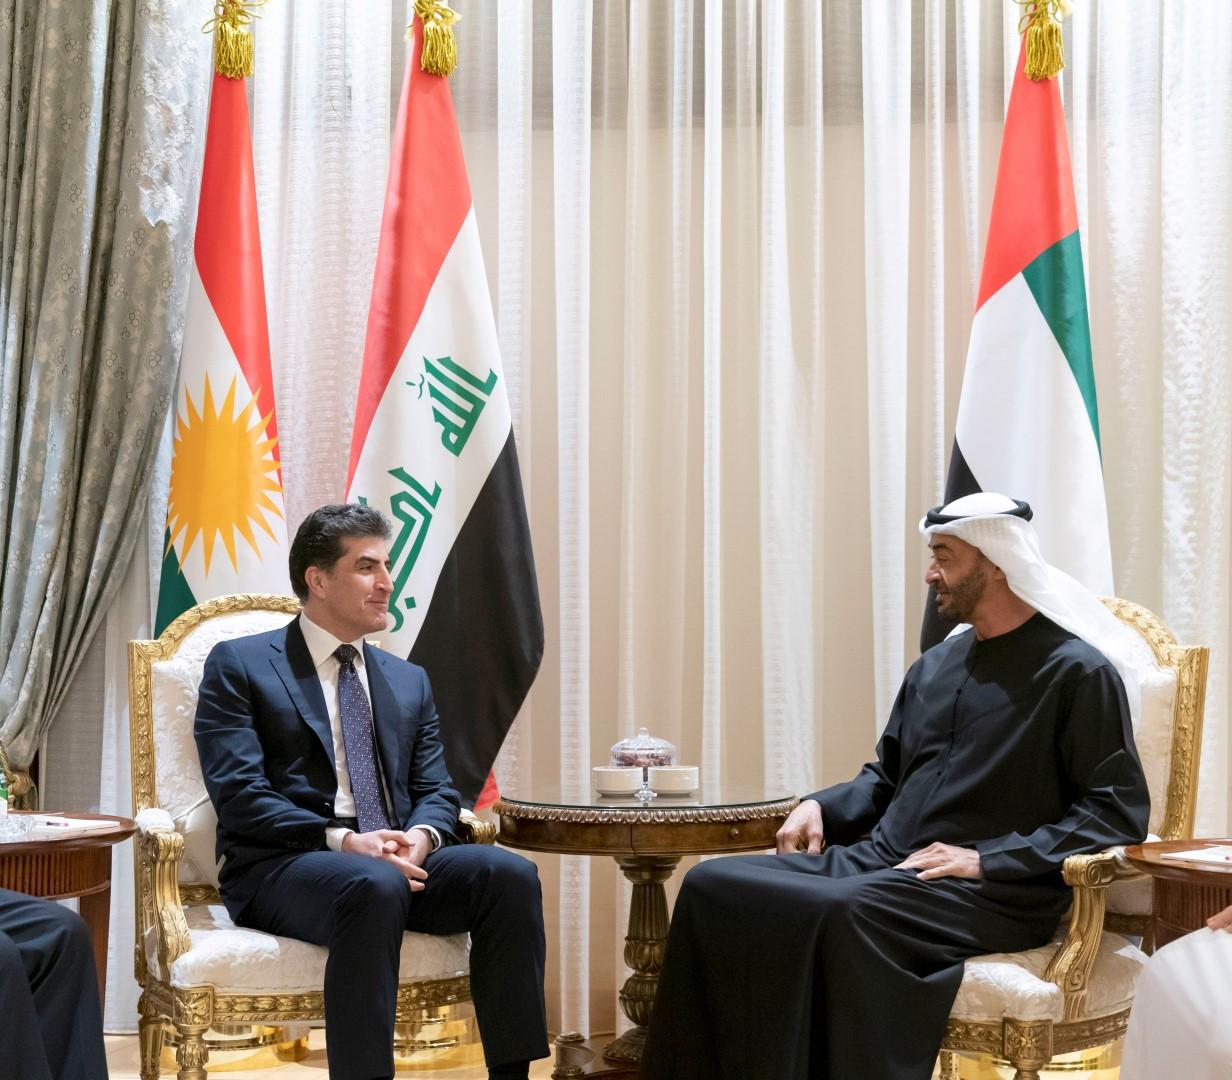 محمد بن زايد يستقبل رئيس إقليم كردستان العراق